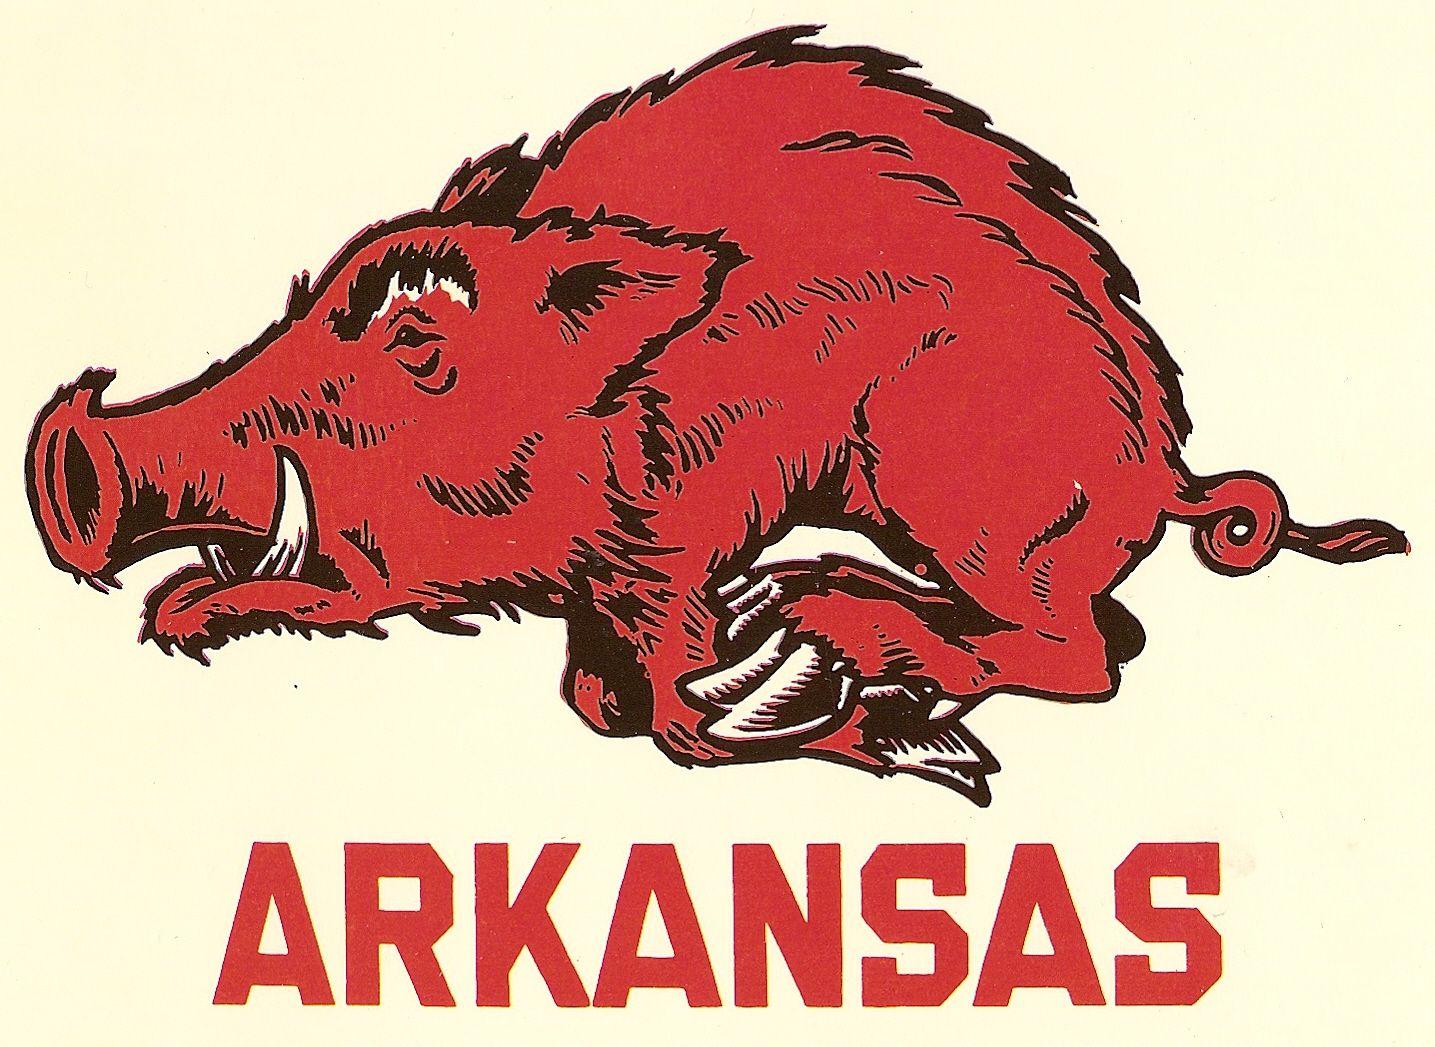 Who Cares about Texas? Arkansas razorbacks football